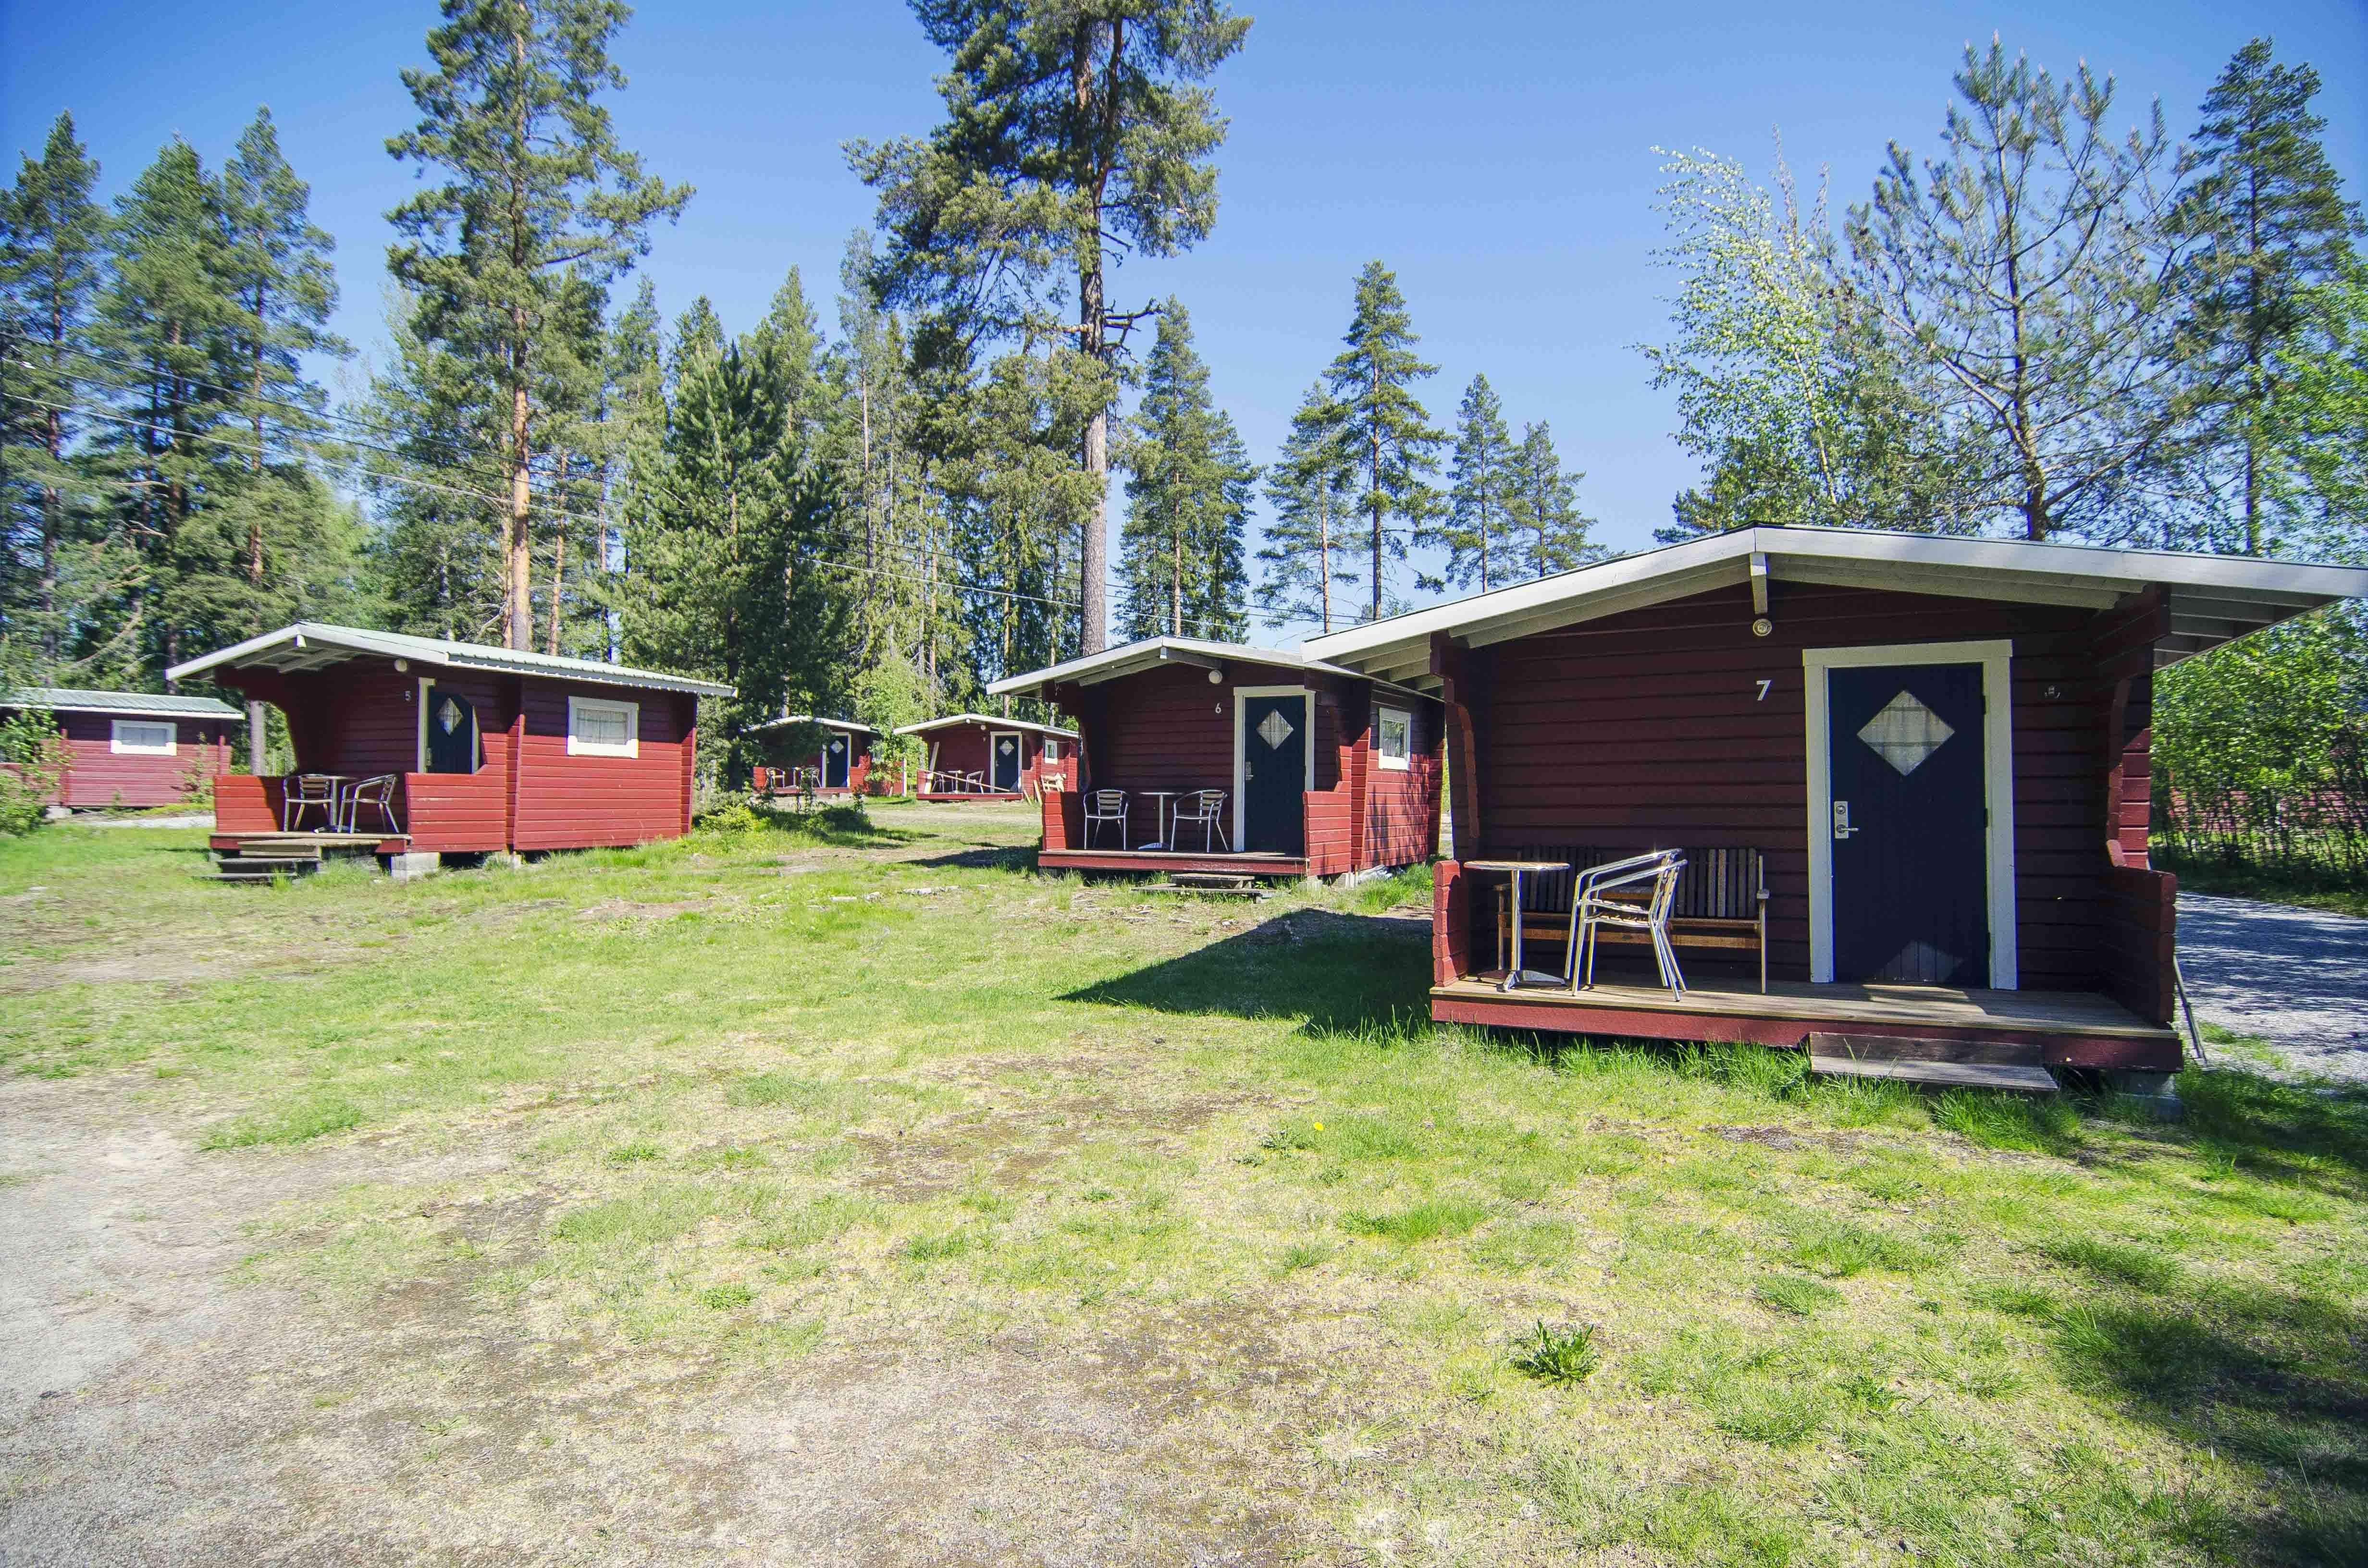 Ava Havsbad - Camping